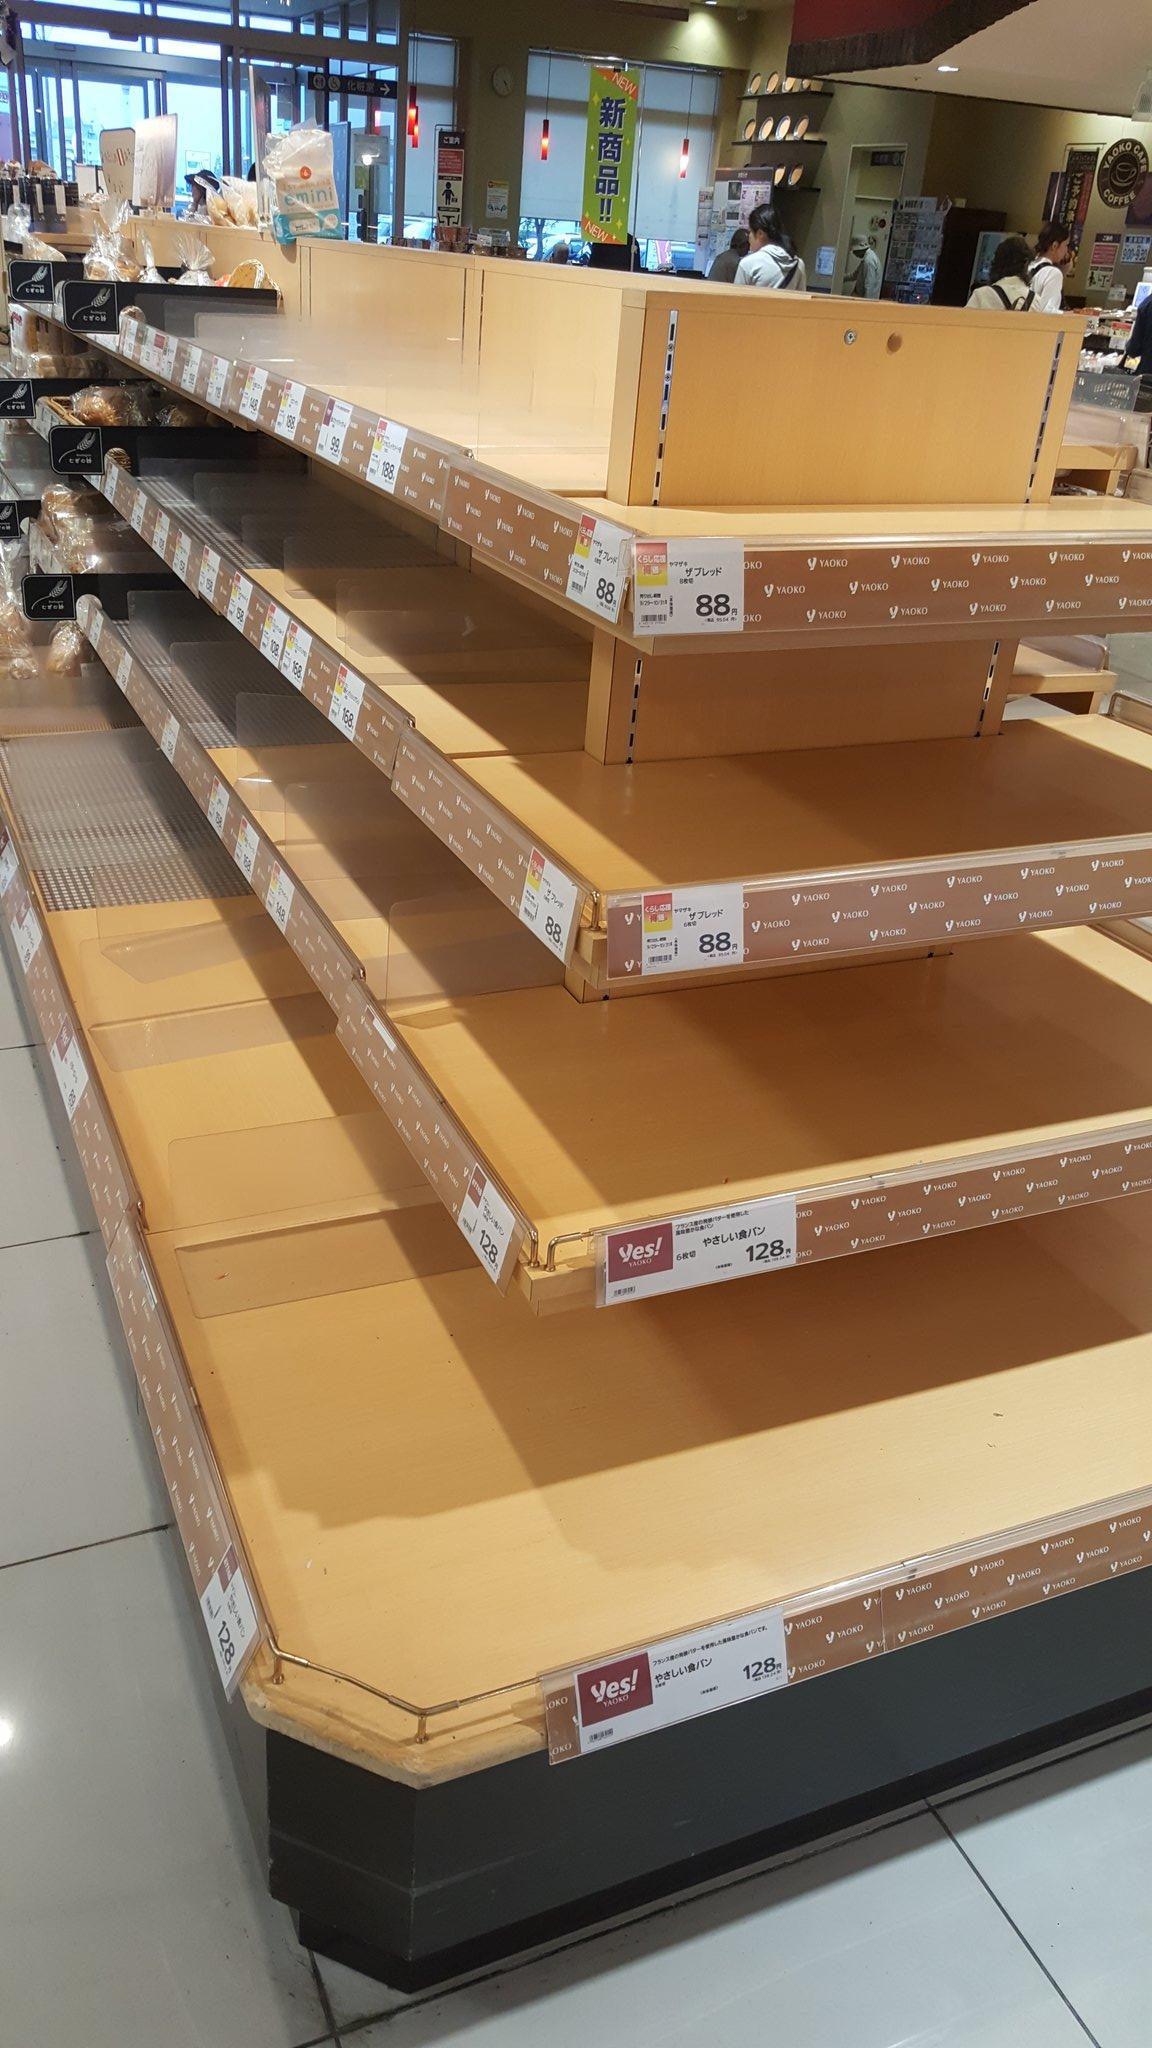 画像,千葉県のスーパーのパンコーナー、カップ麺コーナーがすごいことになっている。台風、怖いですね https://t.co/3QHMtztXkD…